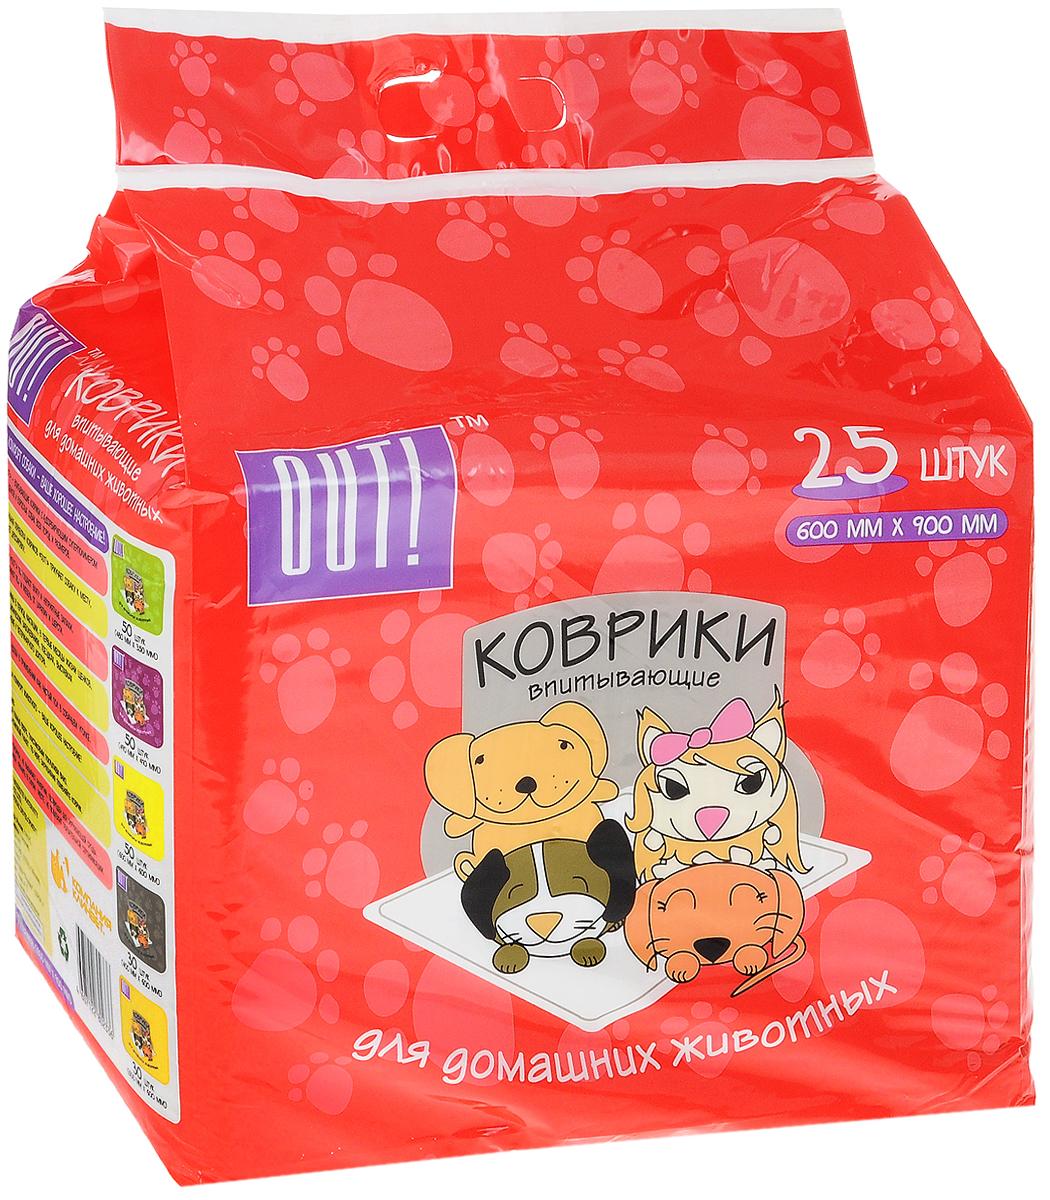 Коврики для домашних животных OUT!, впитывающие, 60 х 90 см, 25 шт2336Впитывающие коврики OUT! предназначены для крупных пород собак и кошек. Коврики имеют слой адсорбирующего суперполимера, превосходно впитывающего влагу и поглощающего неприятные запахи. Обработка впитывающих ковриков OUT! специальным составом привлекает животных, облегчая таким образом процесс приучения собаки к пользованию туалетом. Использование: впитывающие коврики незаменимы в период лактации, в первые месяцы жизни щенков и котят, при специфических заболеваниях, поездках, выставках и на приеме у ветеринарного врача. Коврик можно применять в качестве чистого пола в собачьем уголке. Коврики удобно применять в туалетных лотках. Состав: целлюлоза, впитывающий суперполимер, нетканое полотно, полиэтилен.